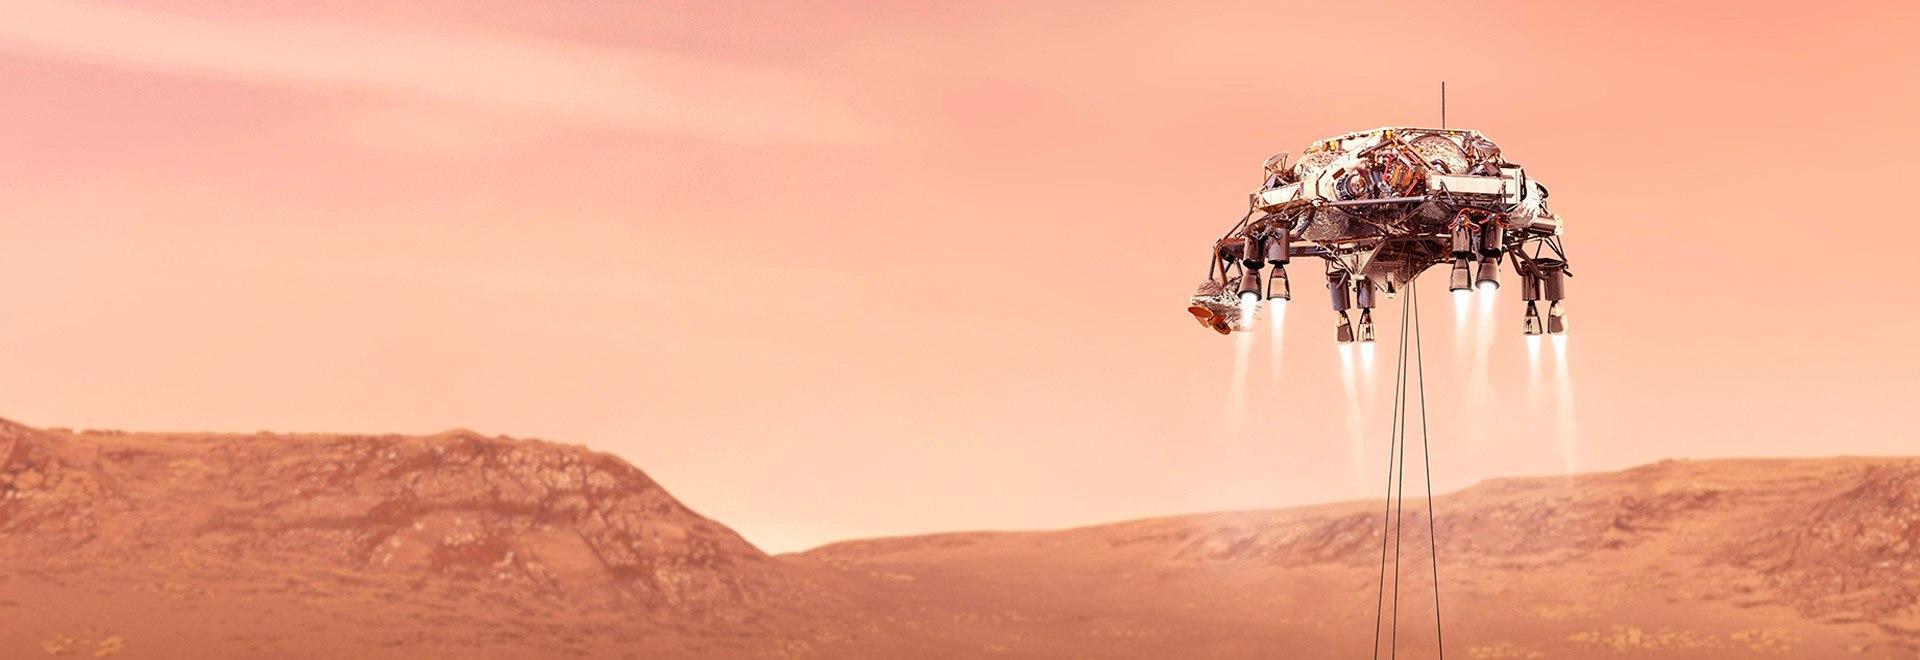 Mars 2020: esplorazione su Marte